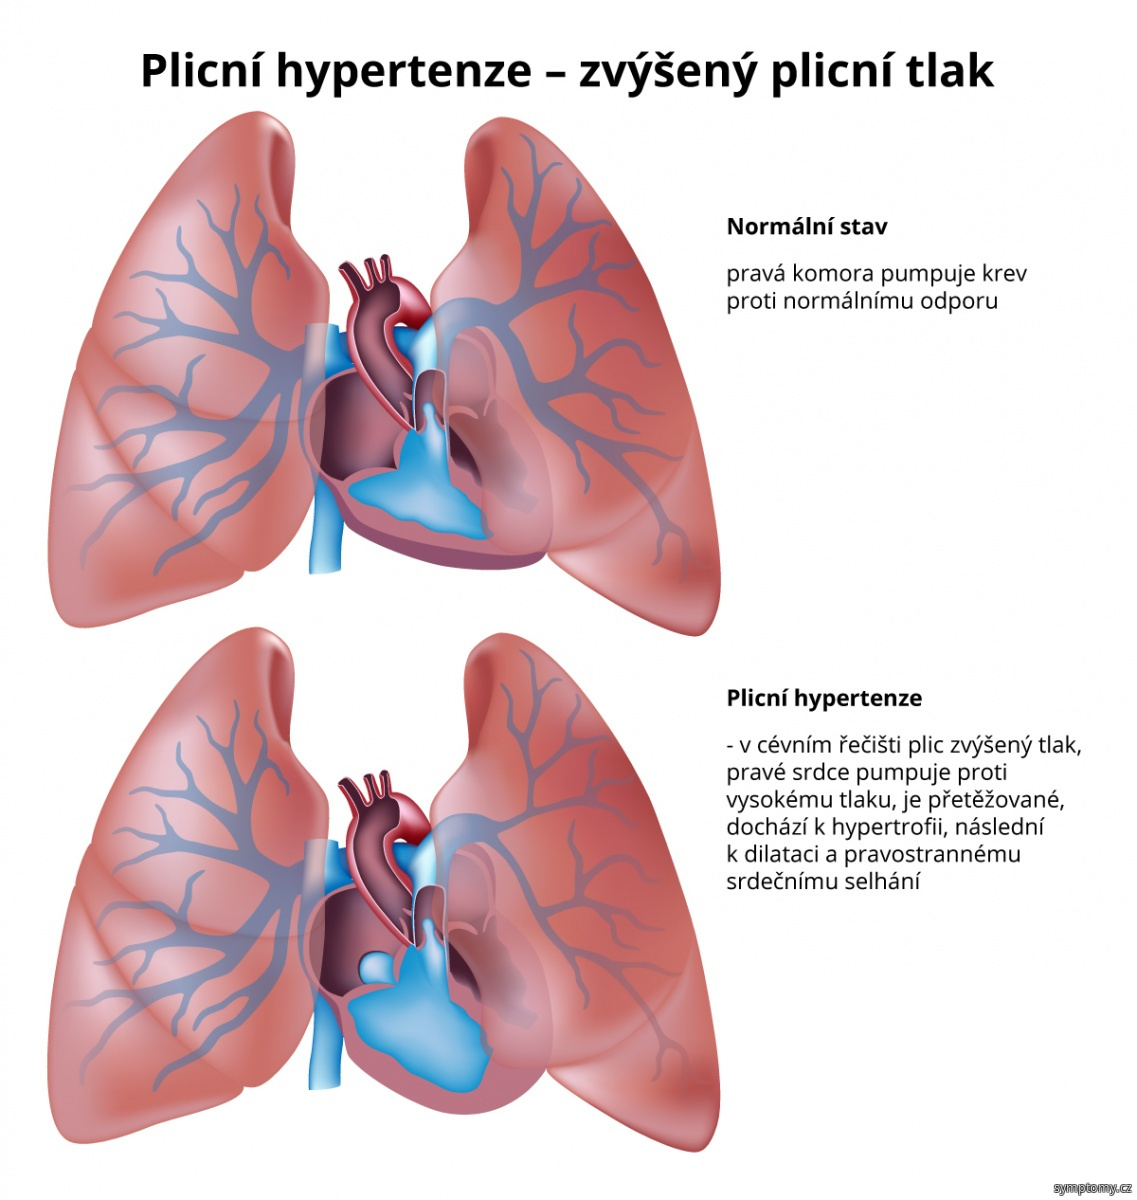 Plicní hypertenze - zvýšený plicní tlak